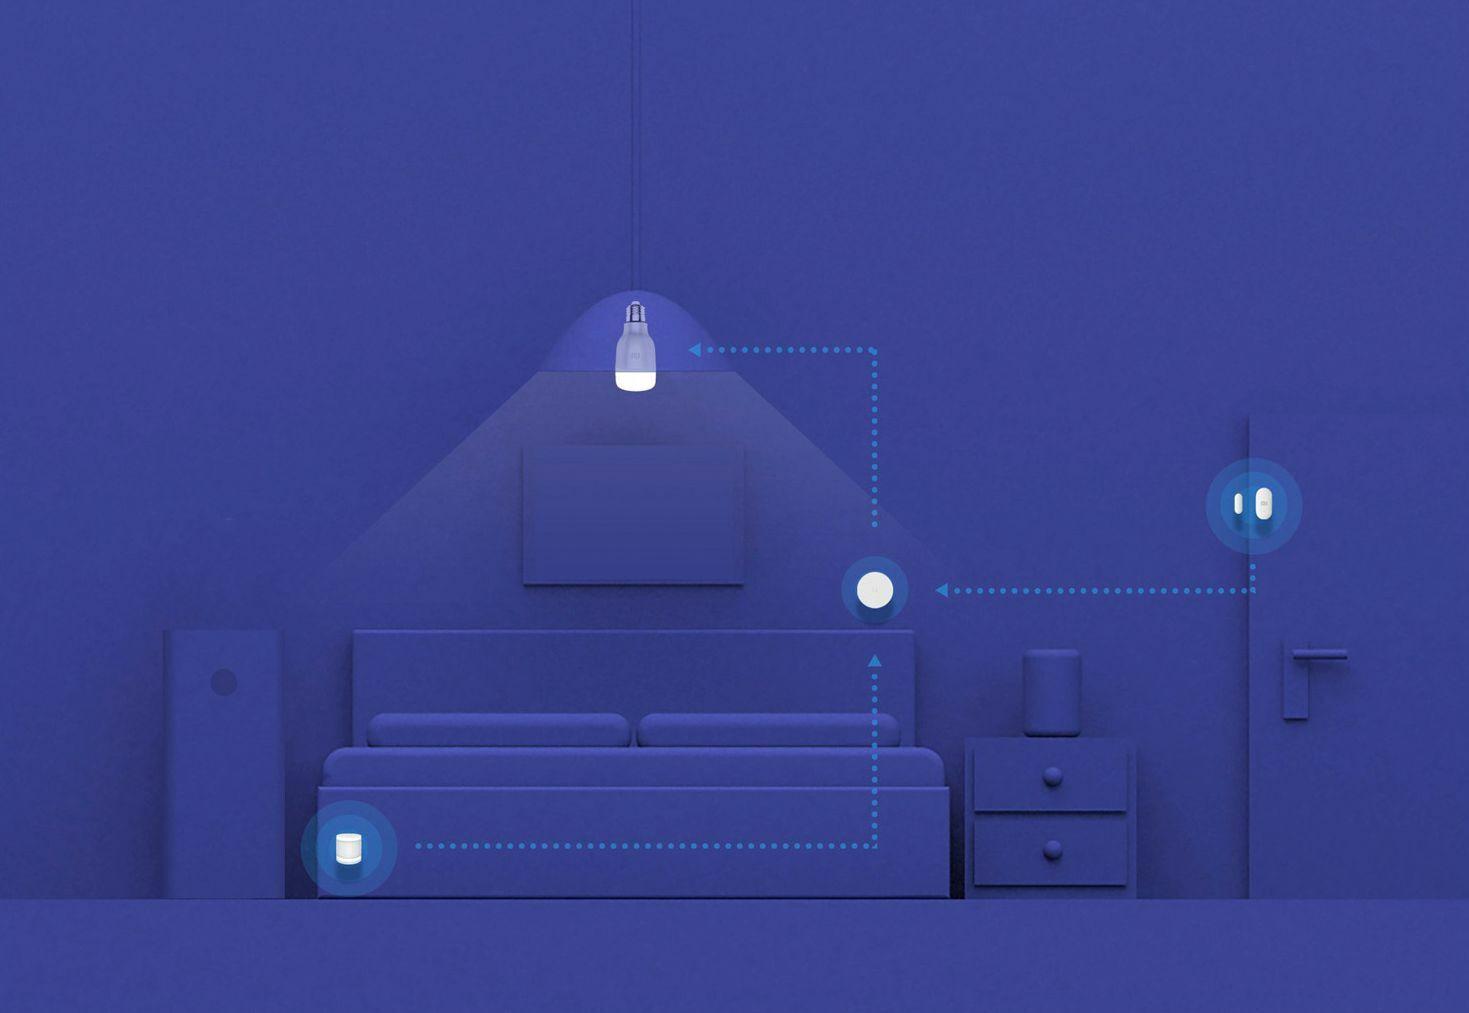 mi-smart-essential-bulb-t15